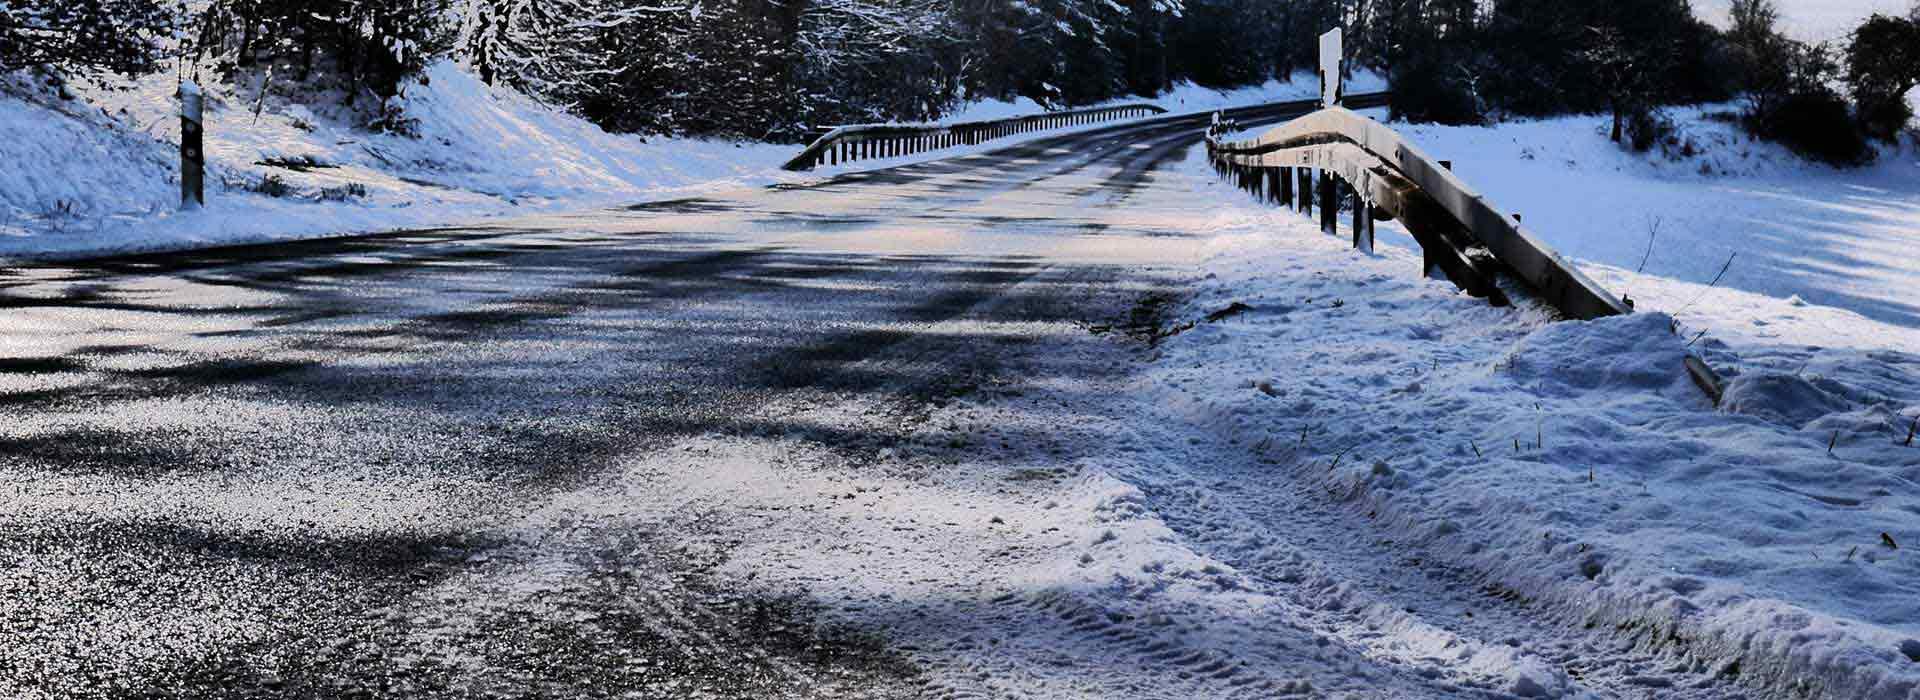 Dinob-Winterdienst